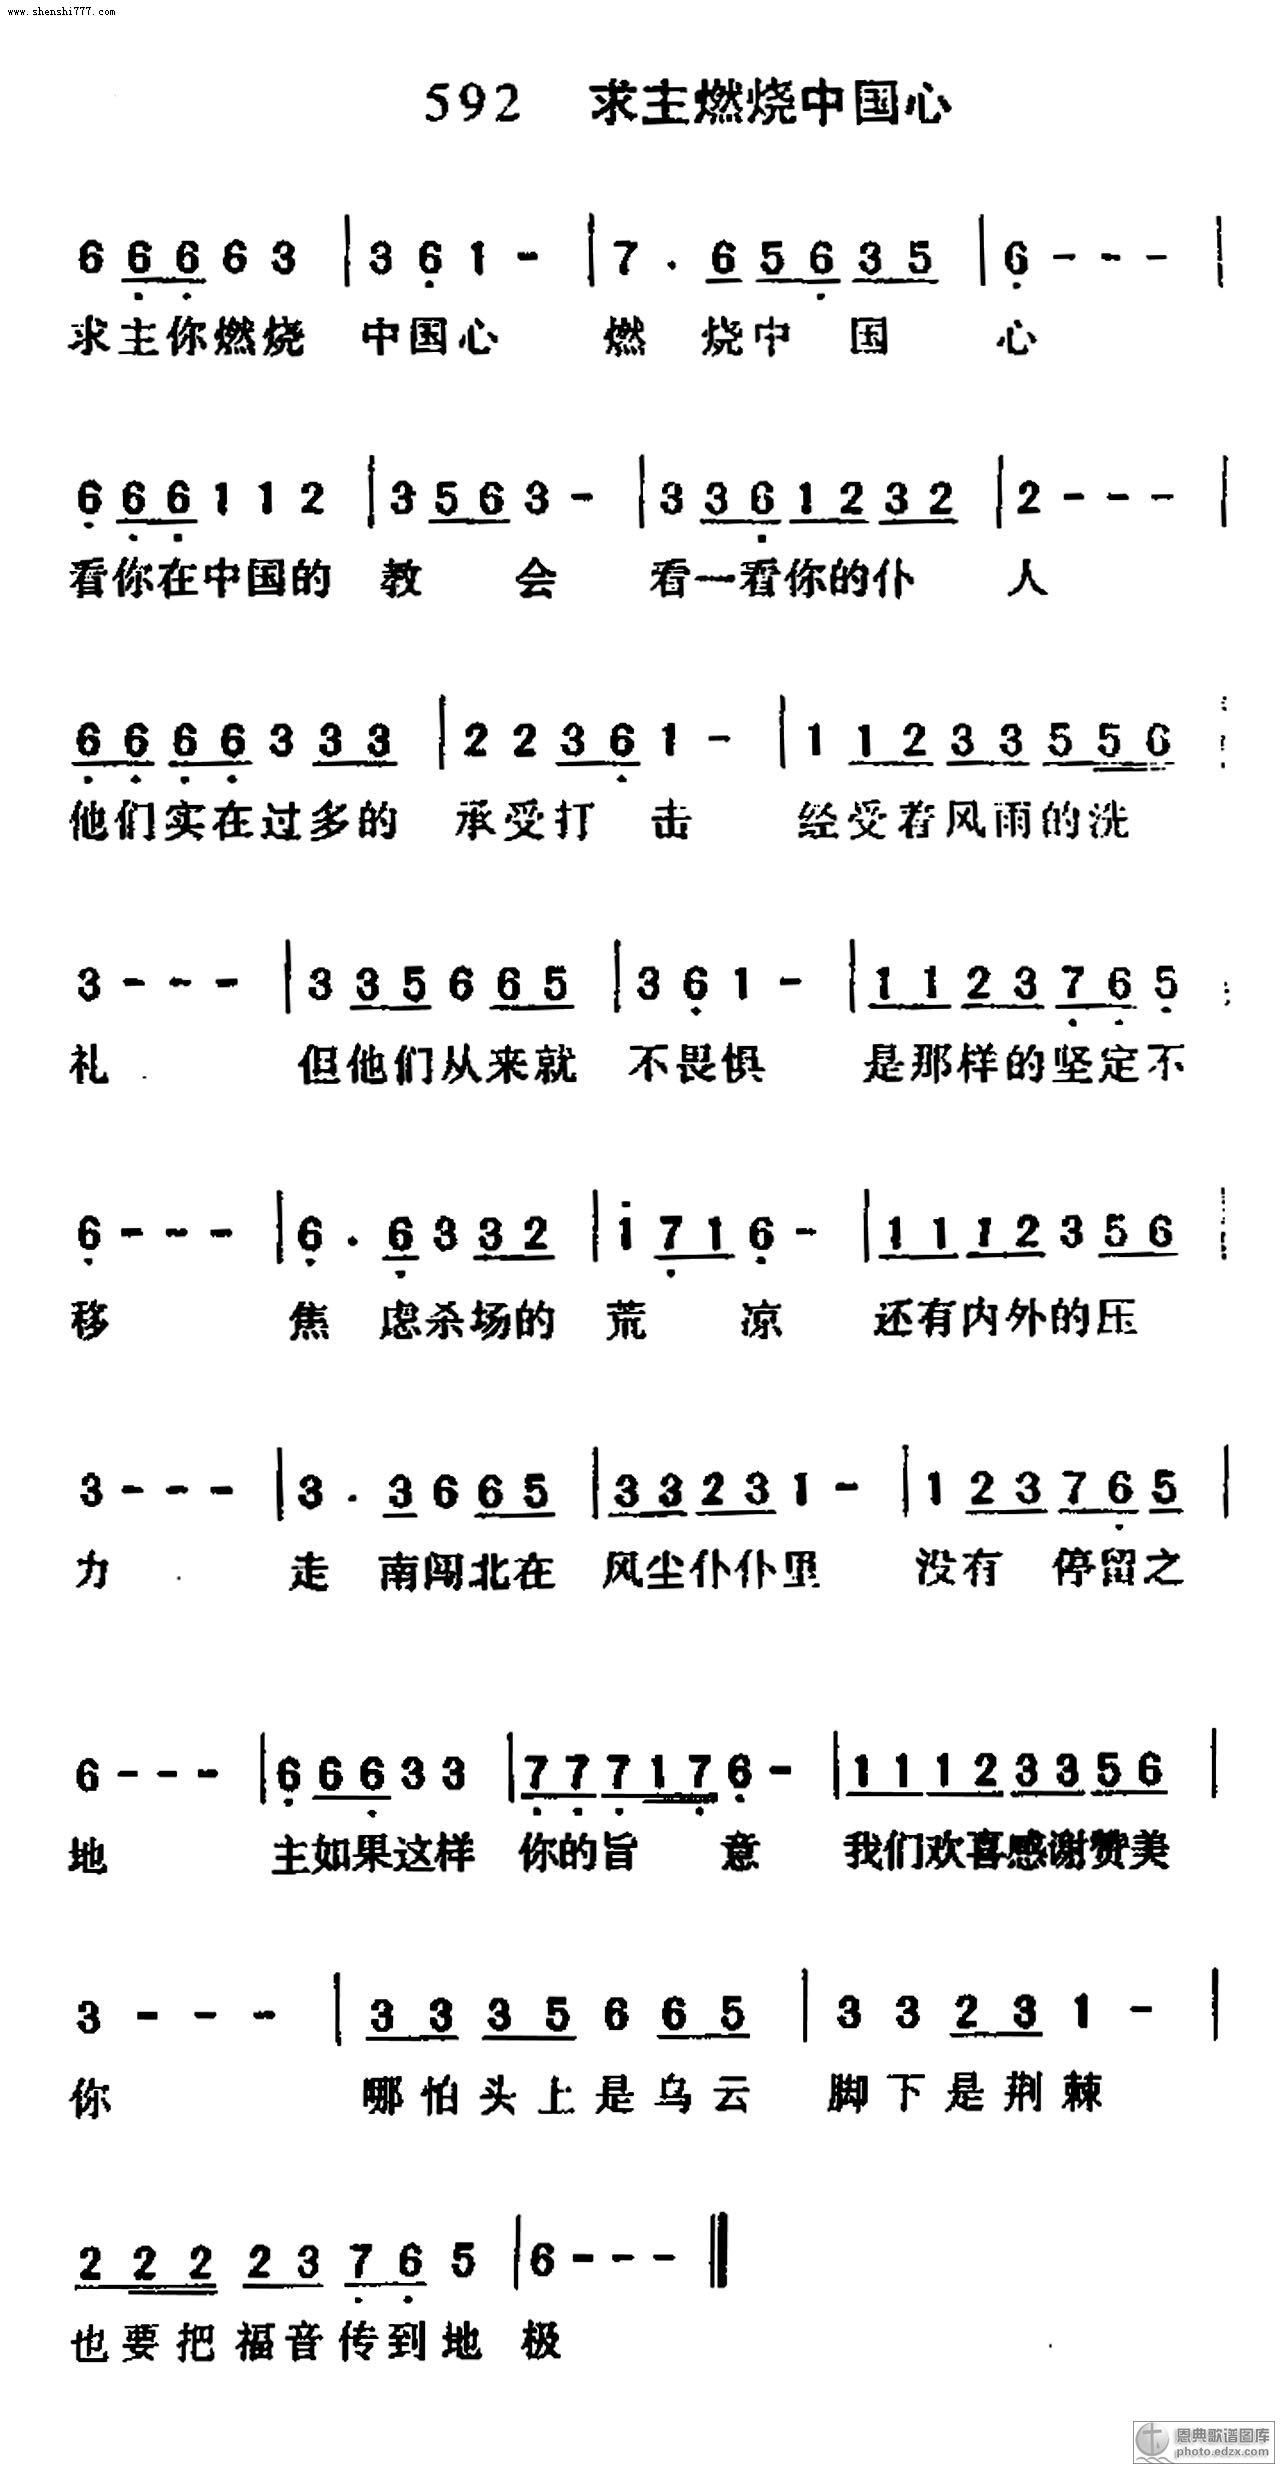 中国心 基督教歌谱赞美诗歌谱